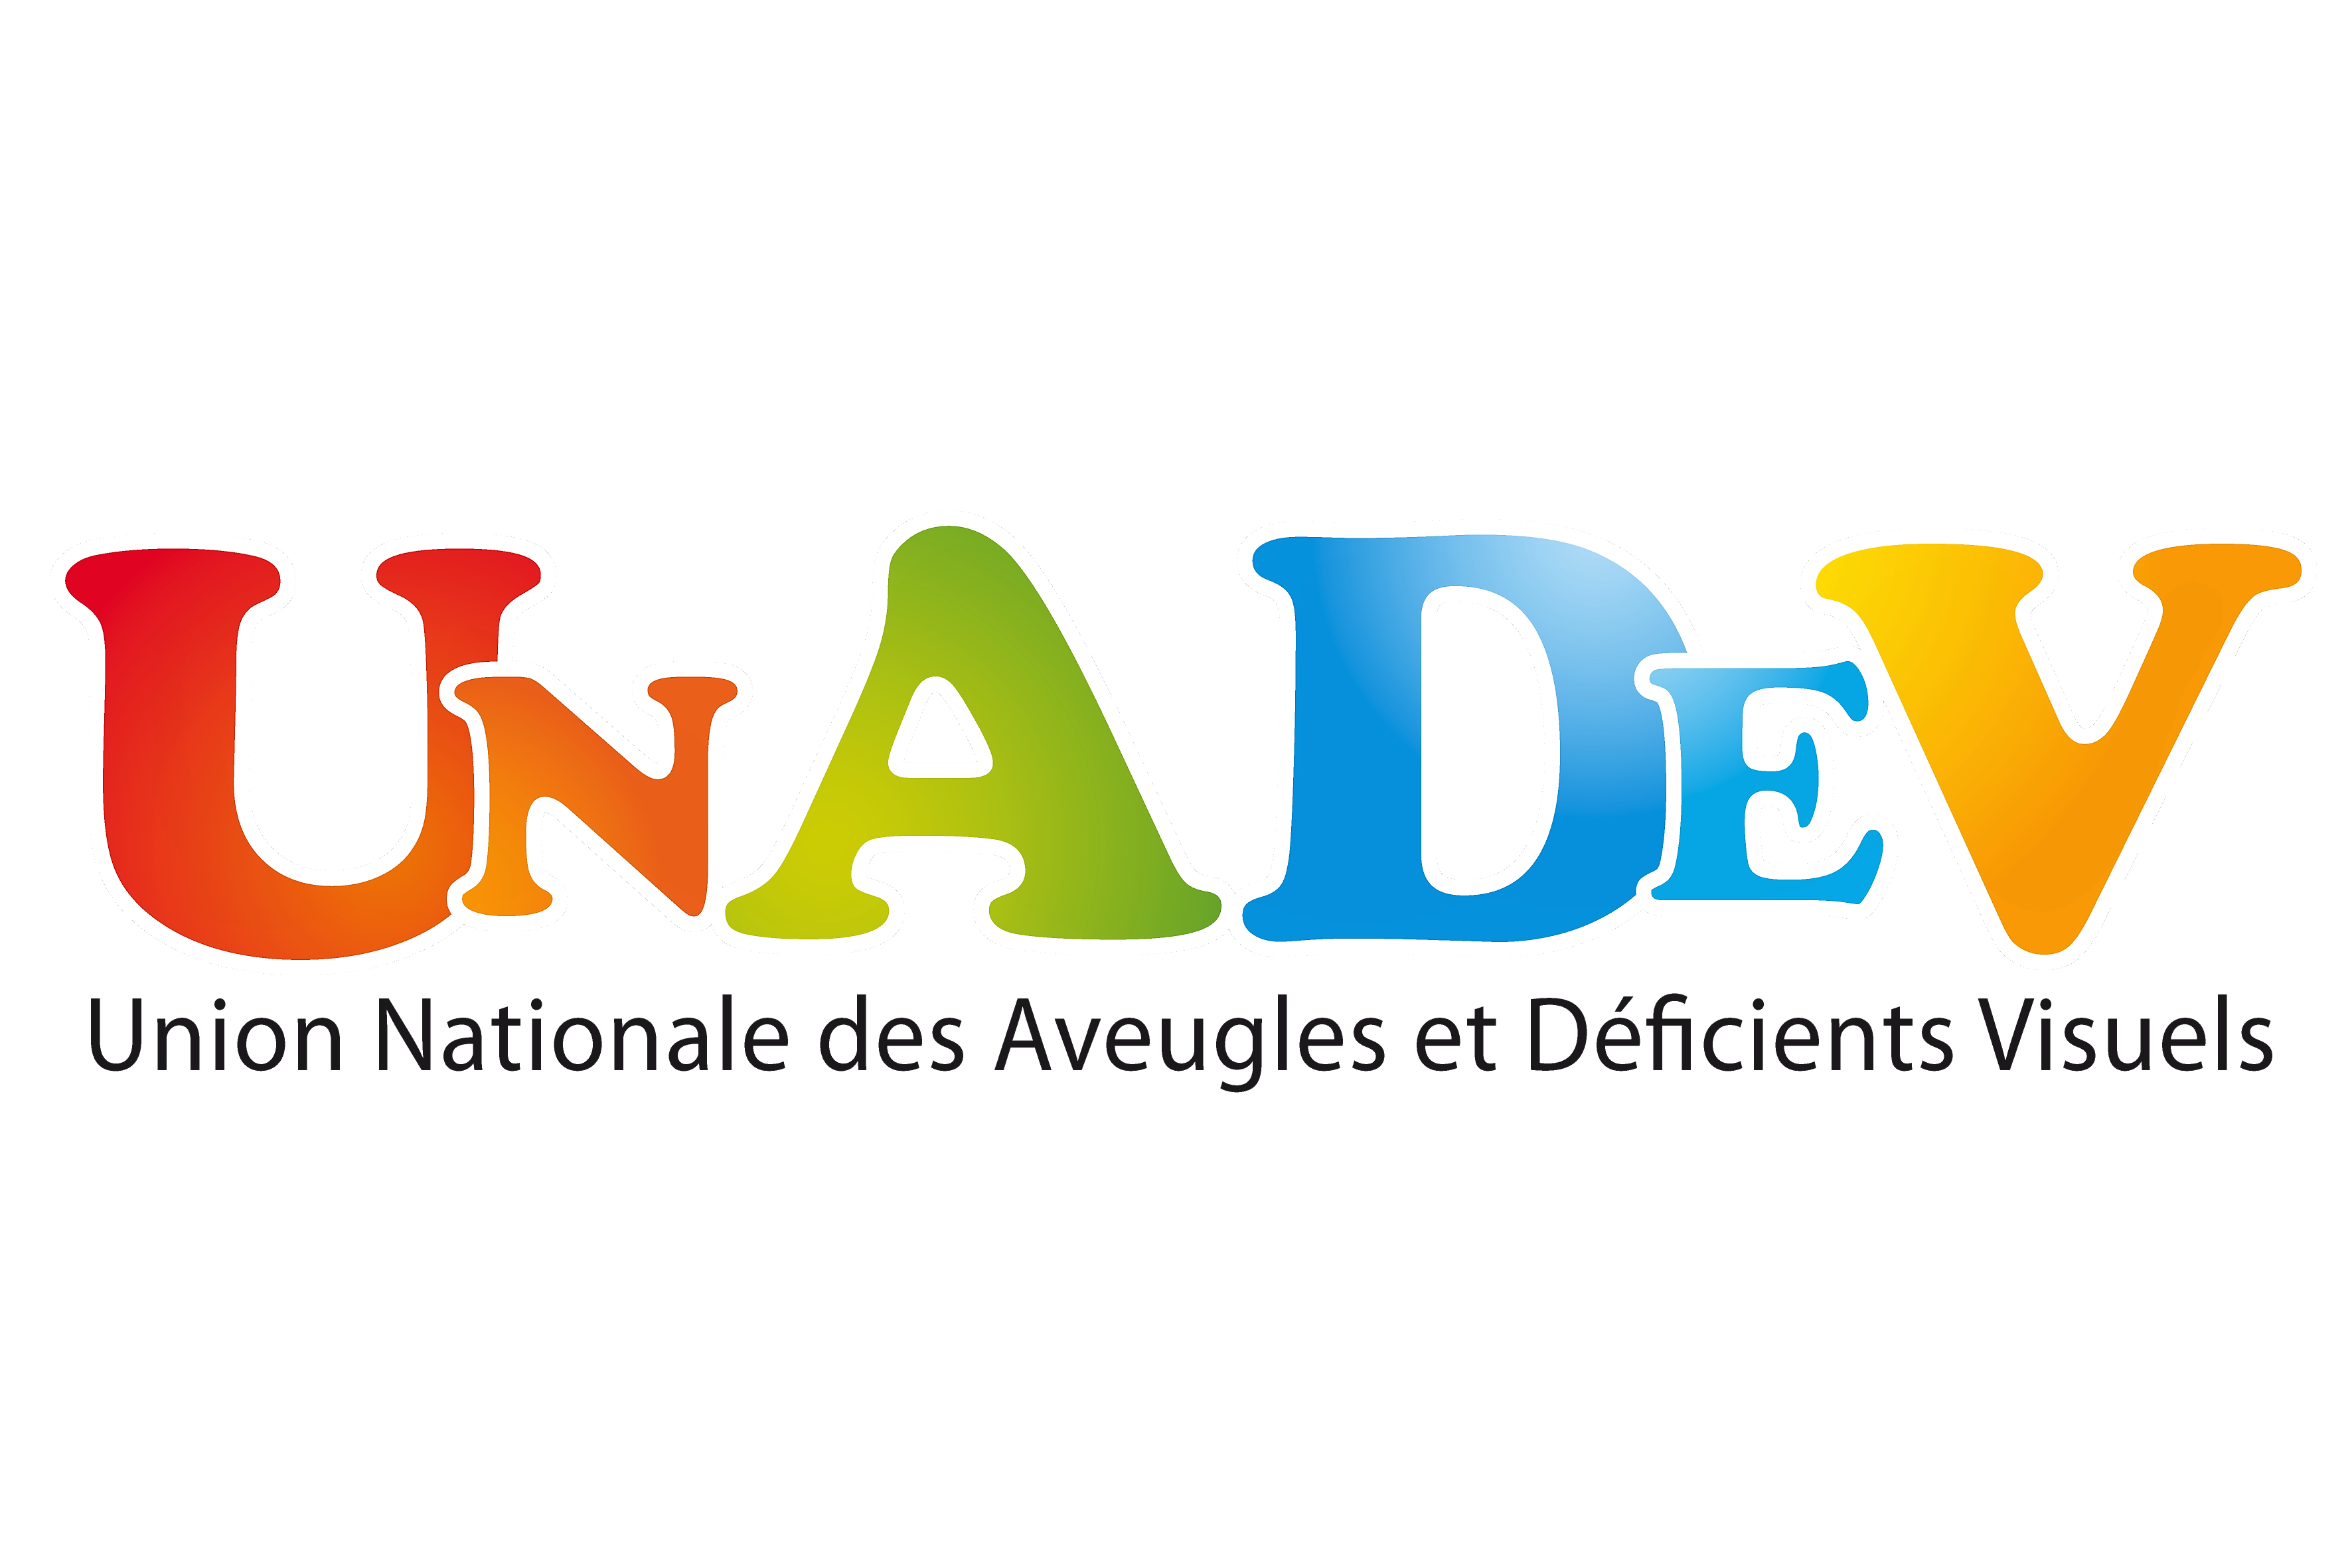 Unadev-1